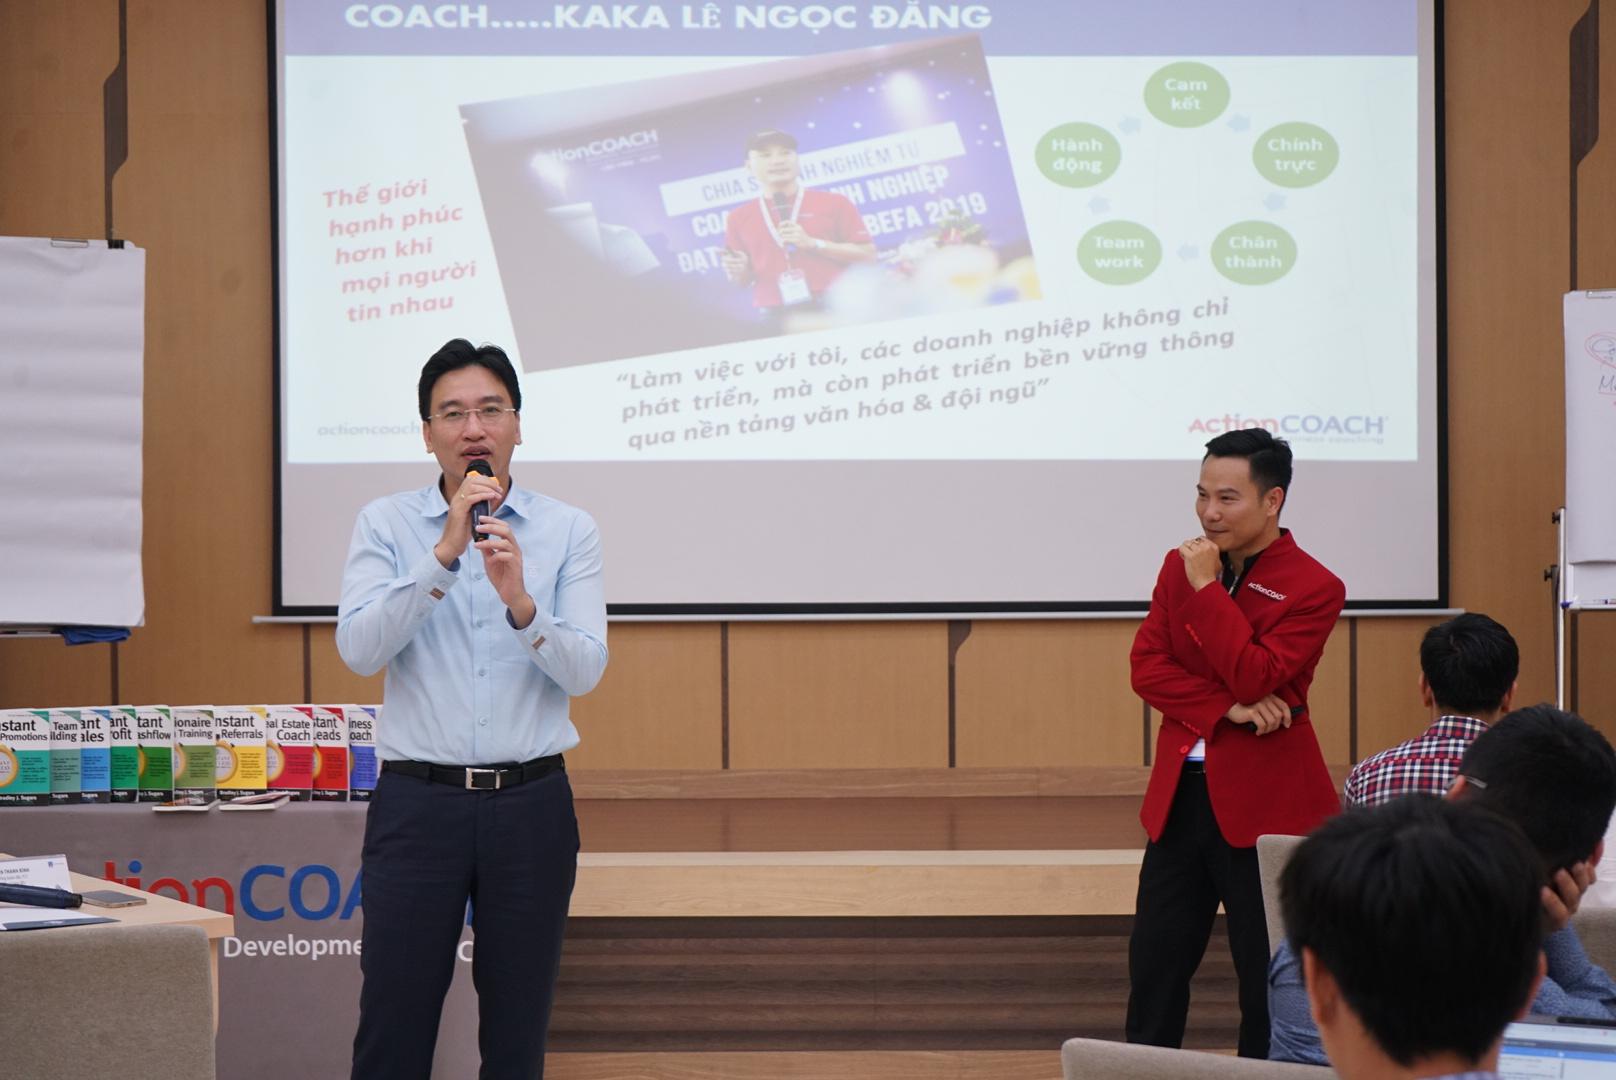 PTGĐ Nguyễn Thanh Bình phát biểu kết luận về những nội dung Khóa đào tạo